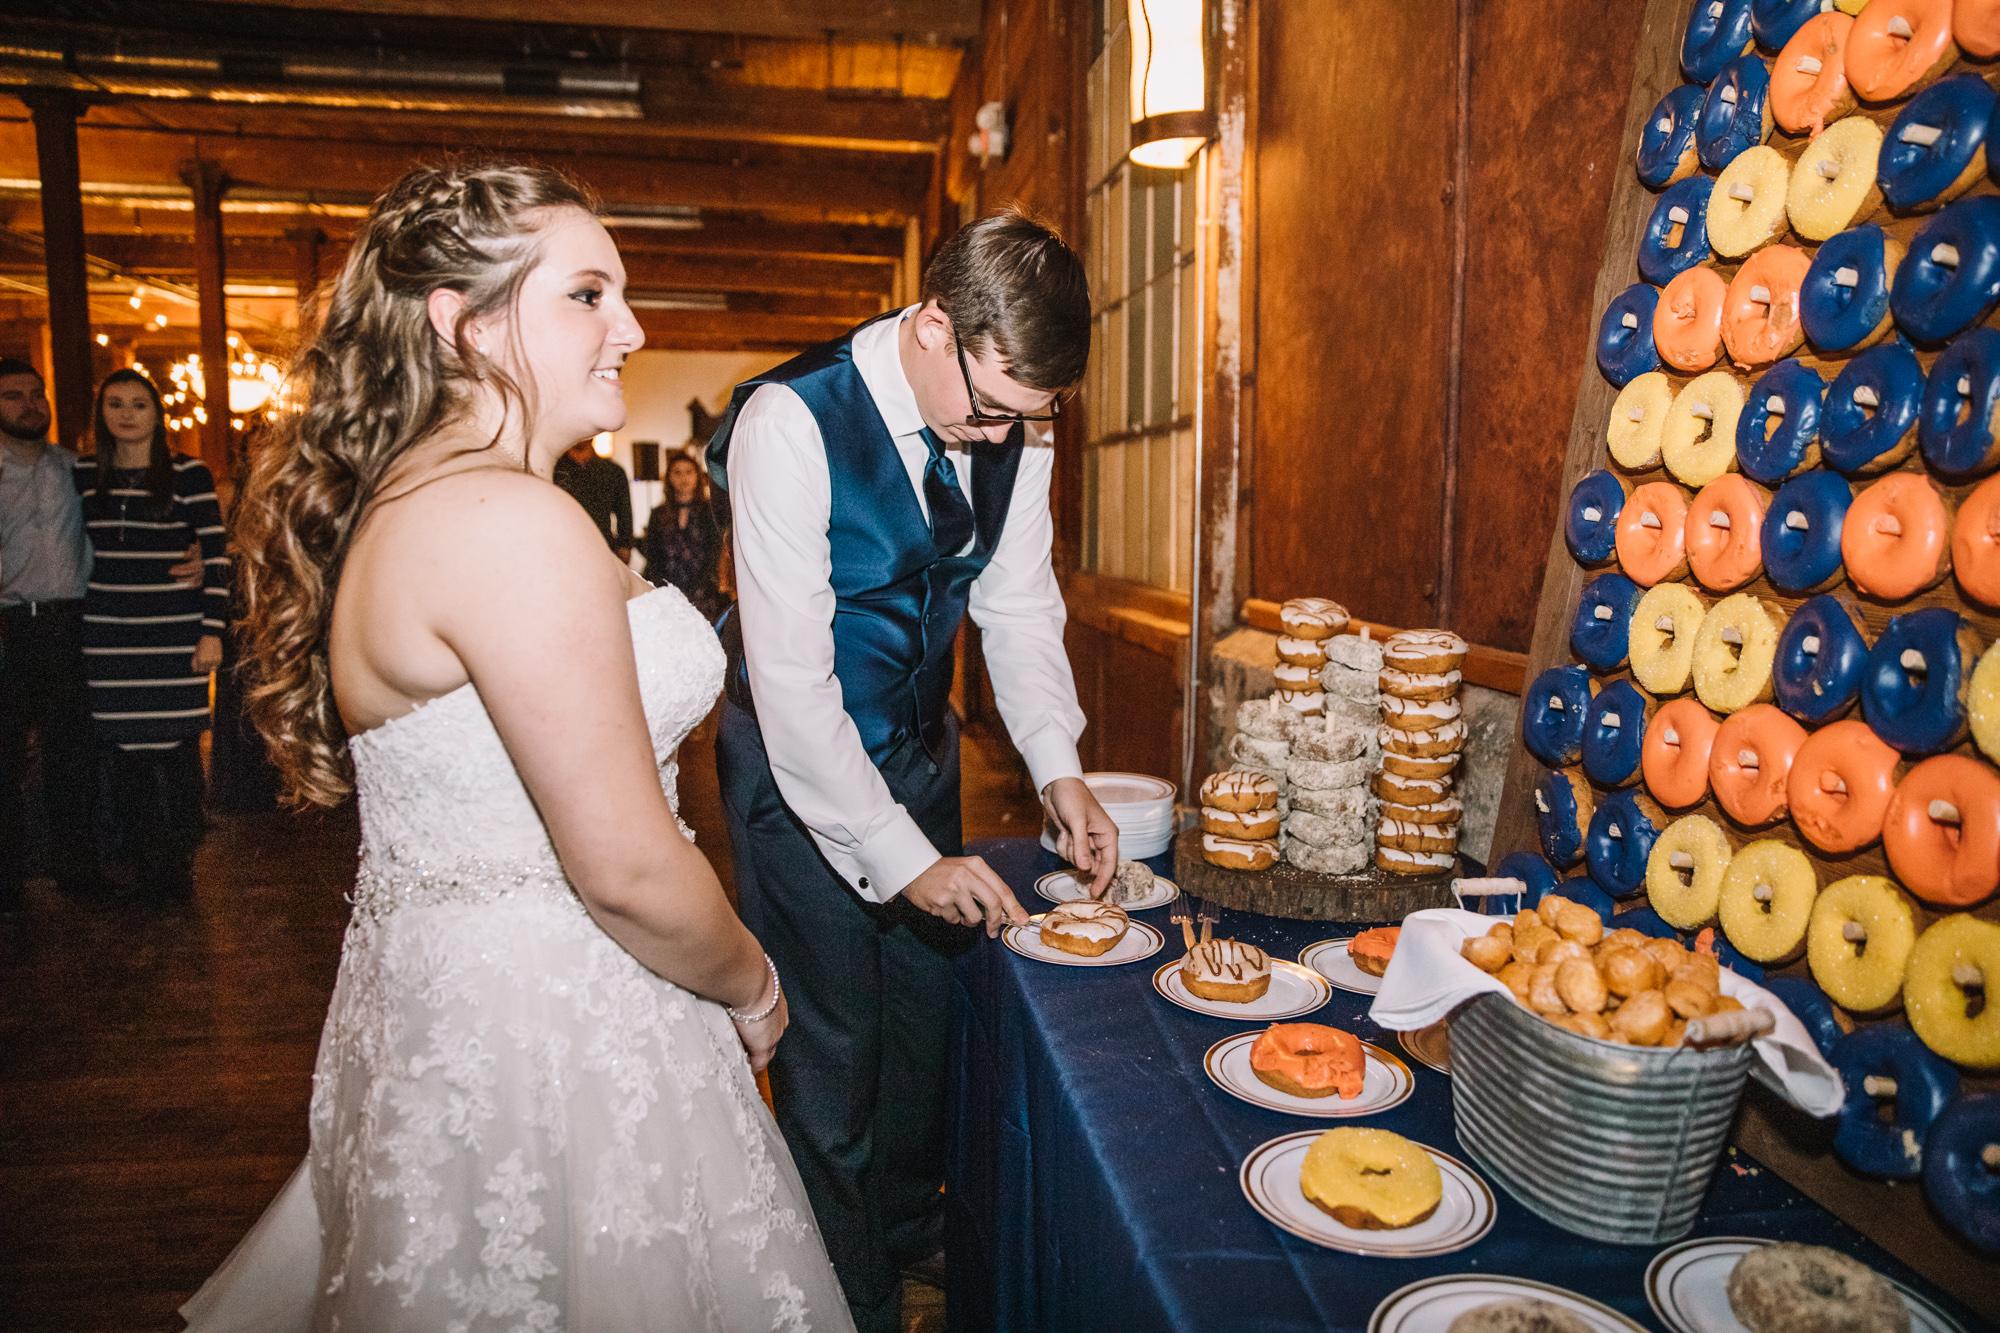 W&V_Wedding_Reception-8.jpg